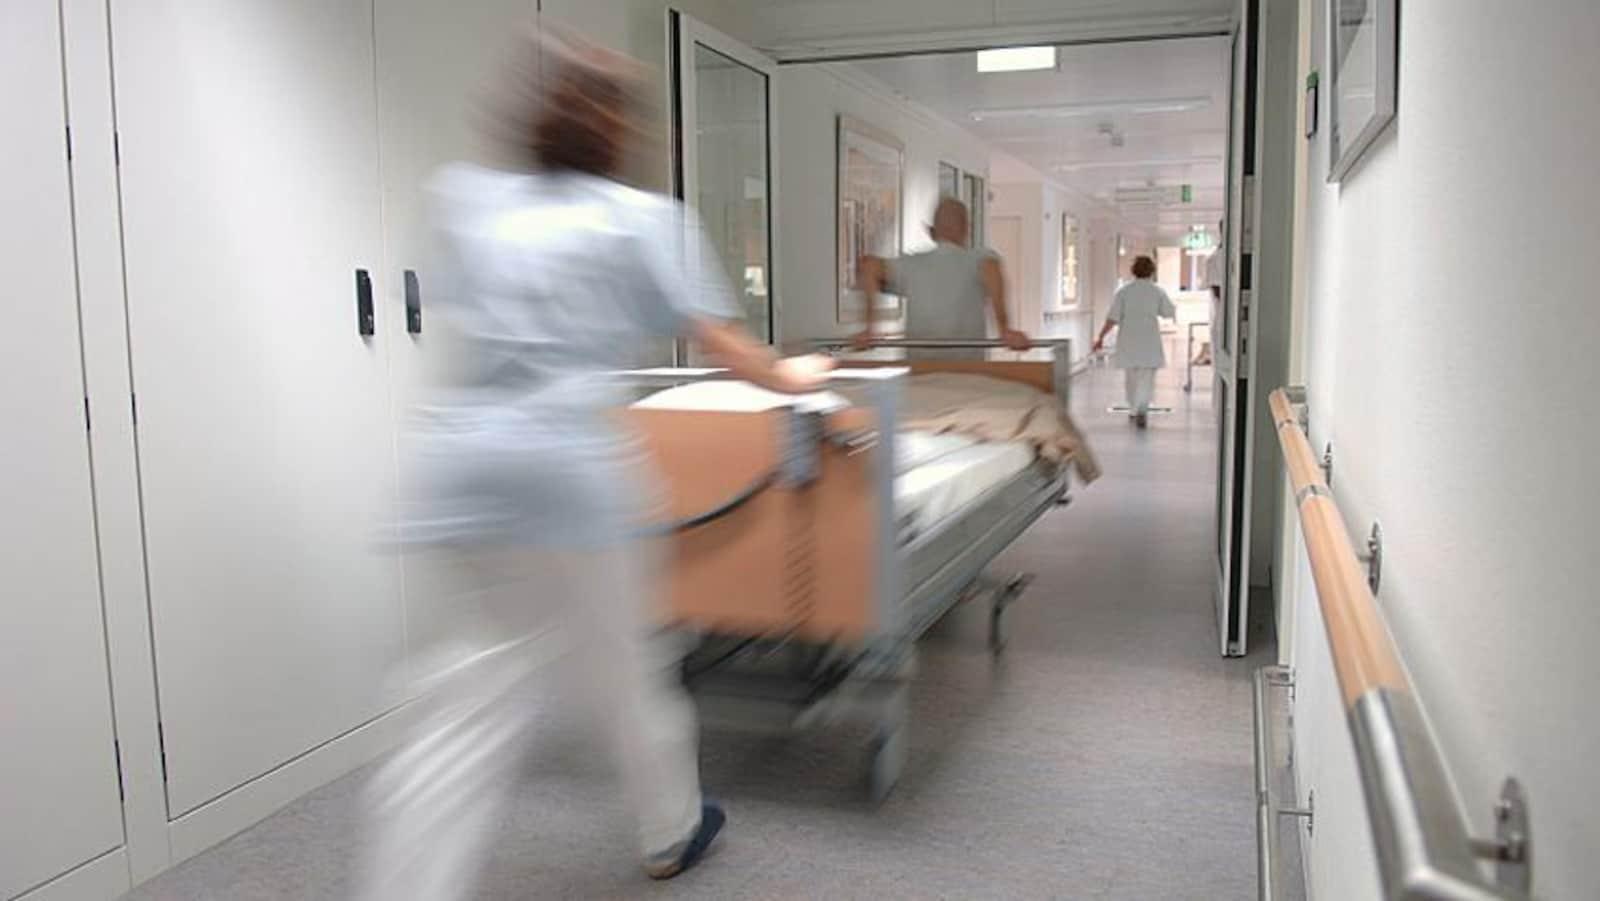 Des infirmières passent dans un couloir d'un hôpital.